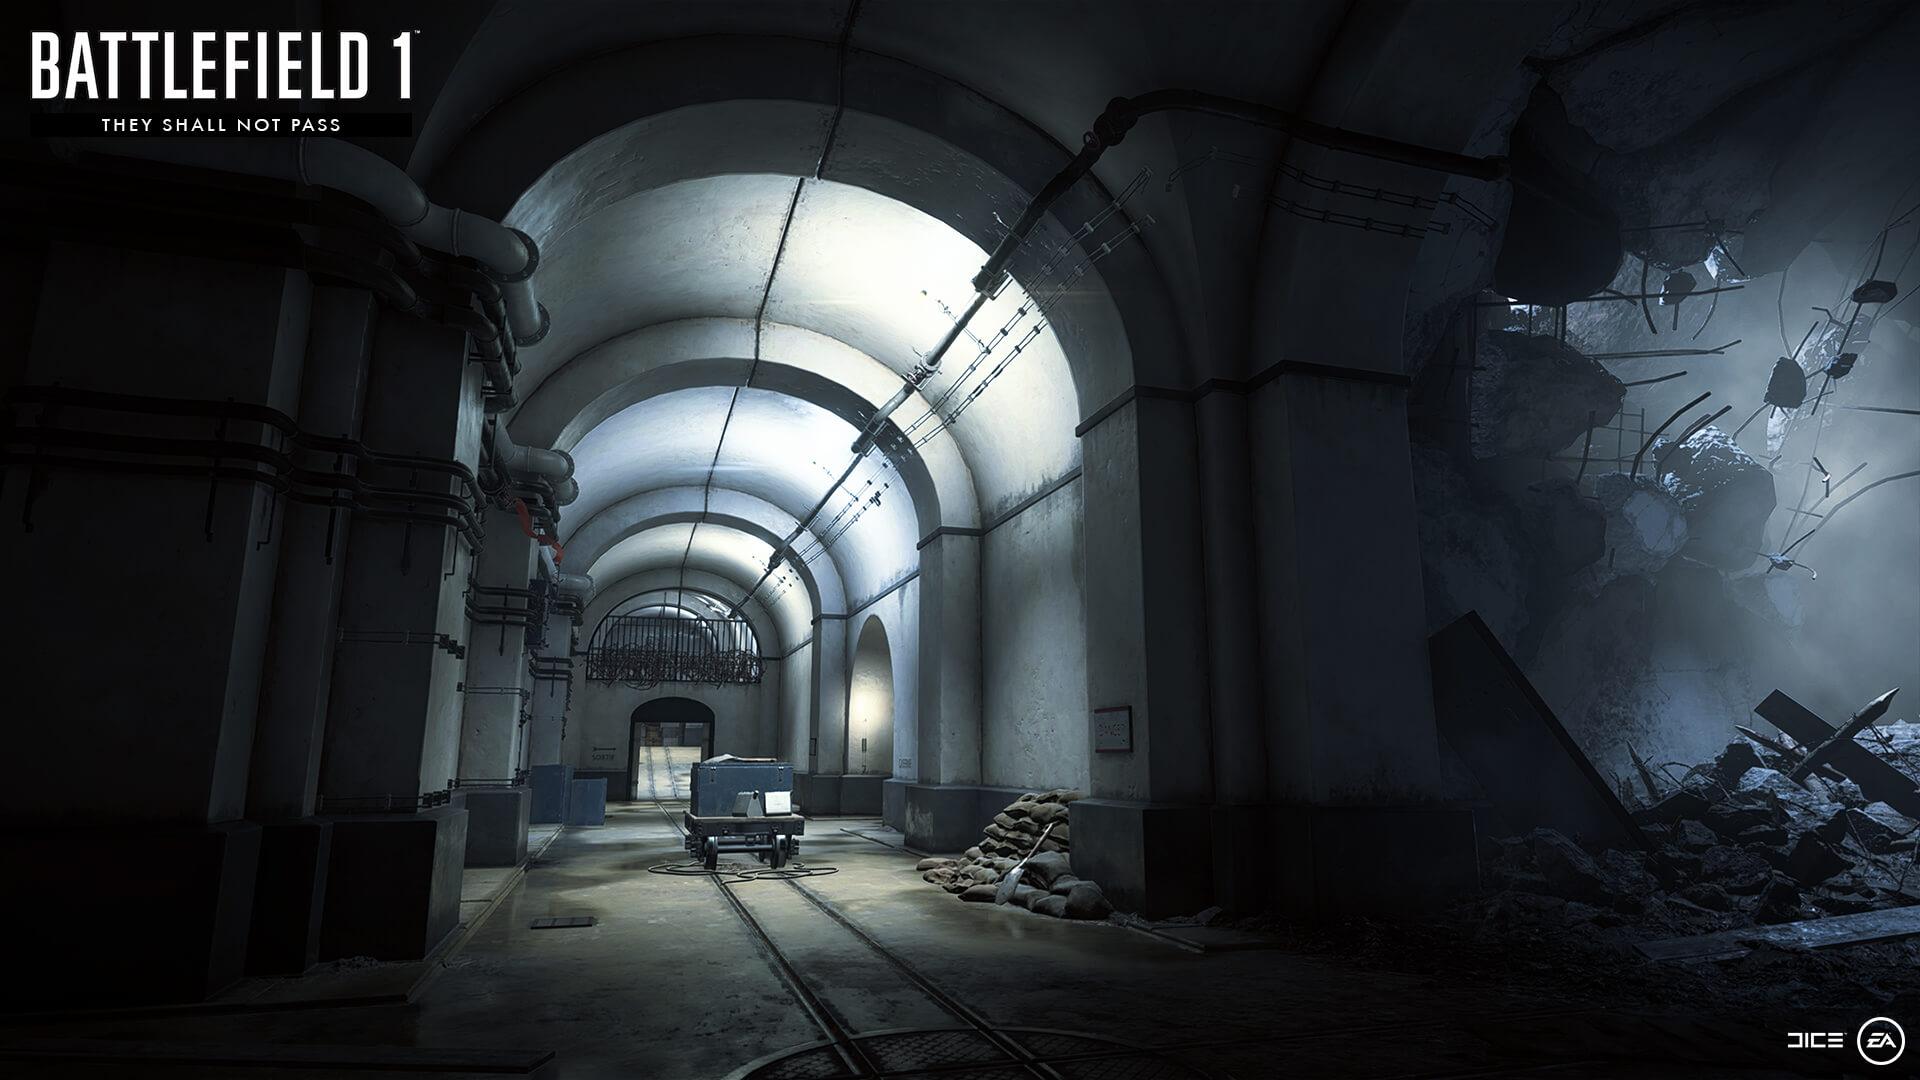 Om i underkant to uker kan Premium-spillere laste ned og spille den første DLC-en til Battlefield 1.